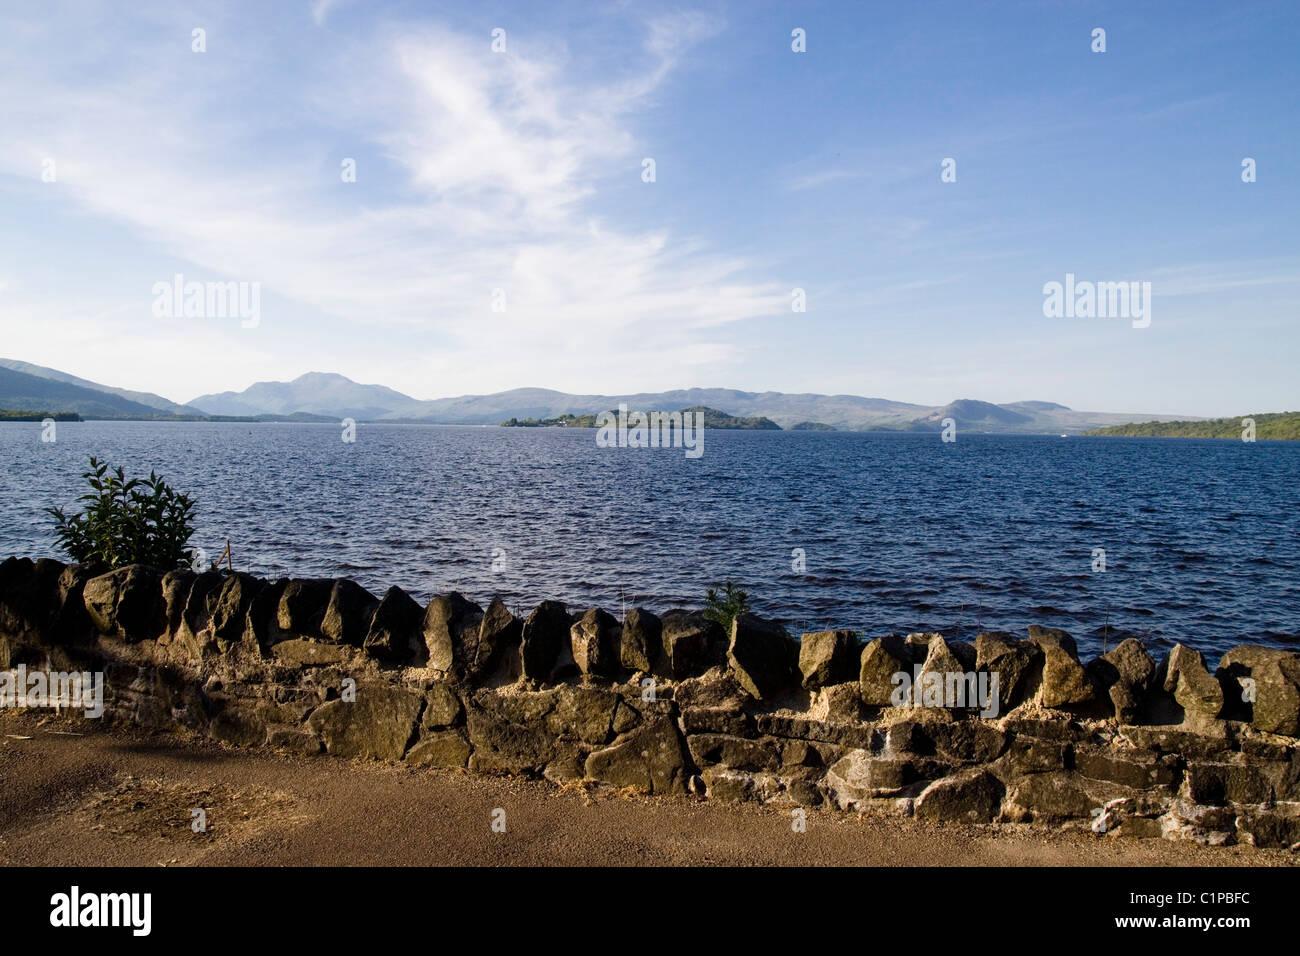 Escocia, Loch Lomond, pared en el borde del agua. Imagen De Stock